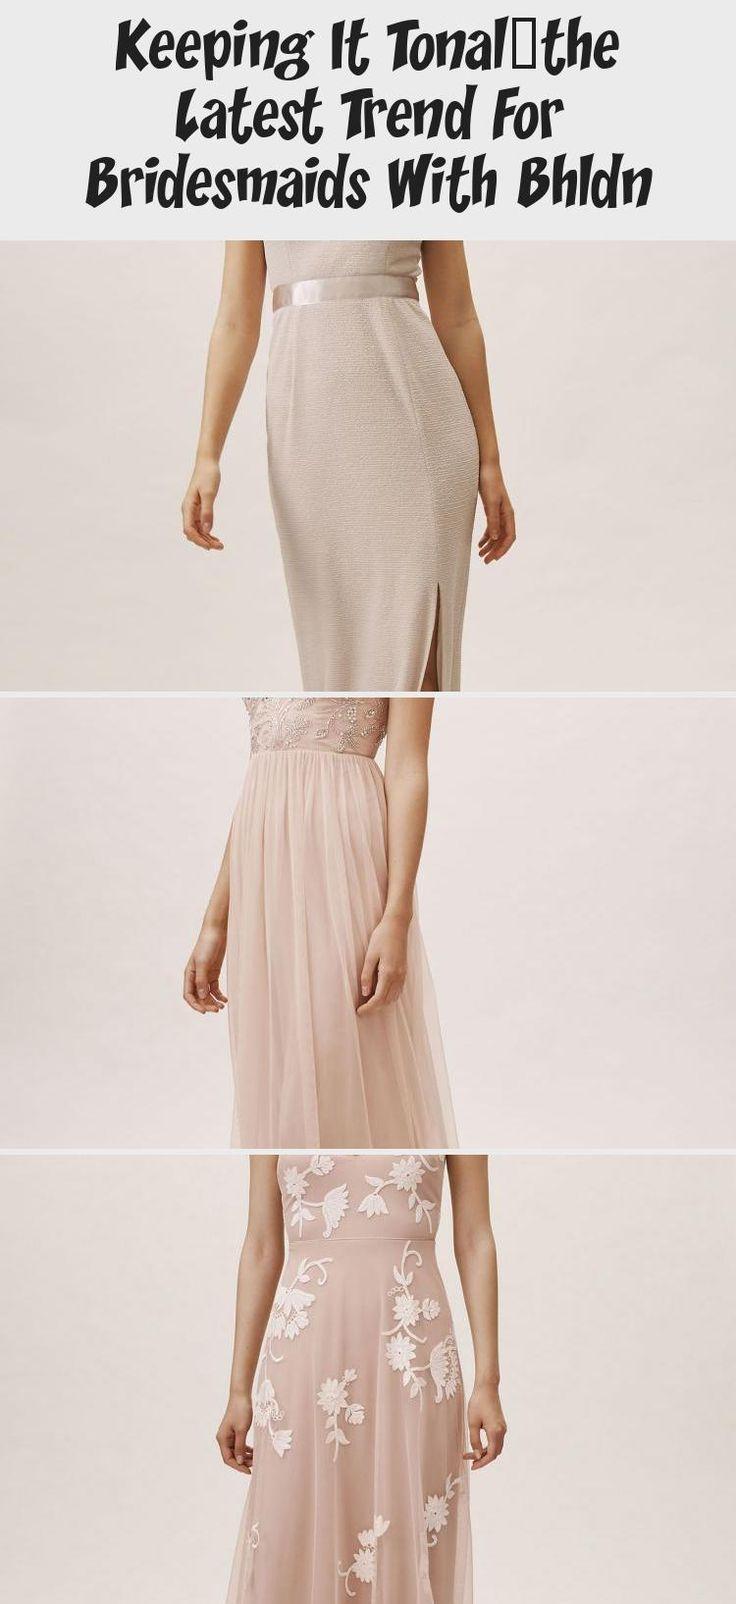 BHLDN Bridesmaid Dress for Spring 2019 Blush Pink Hues